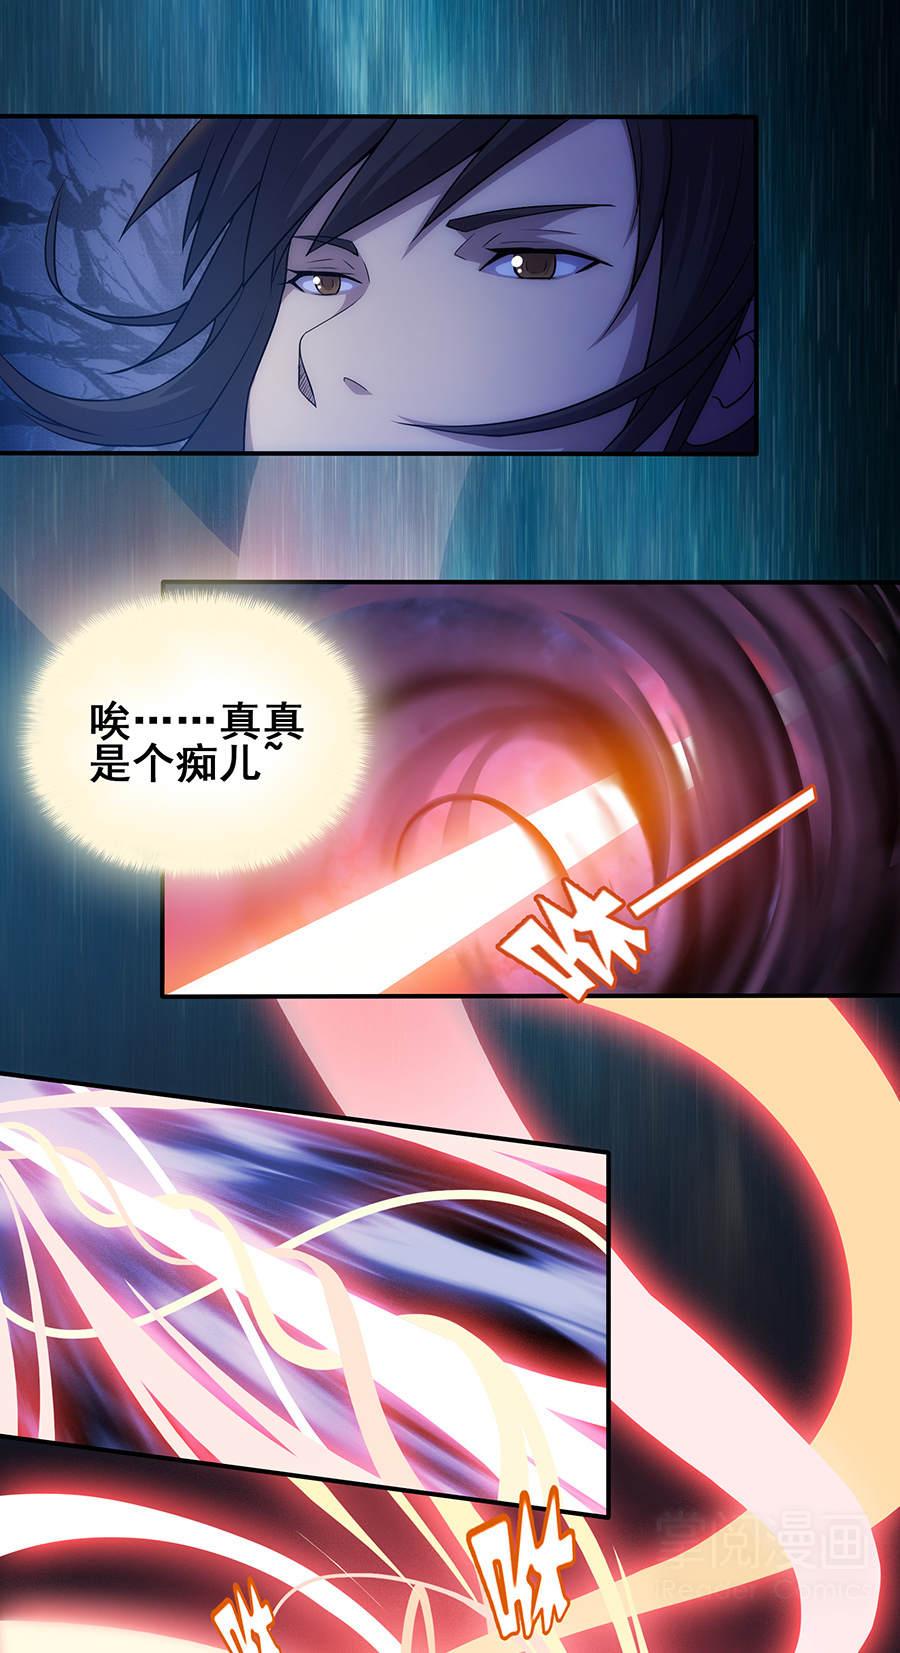 绝世剑神第1话  剑神重生 第 4